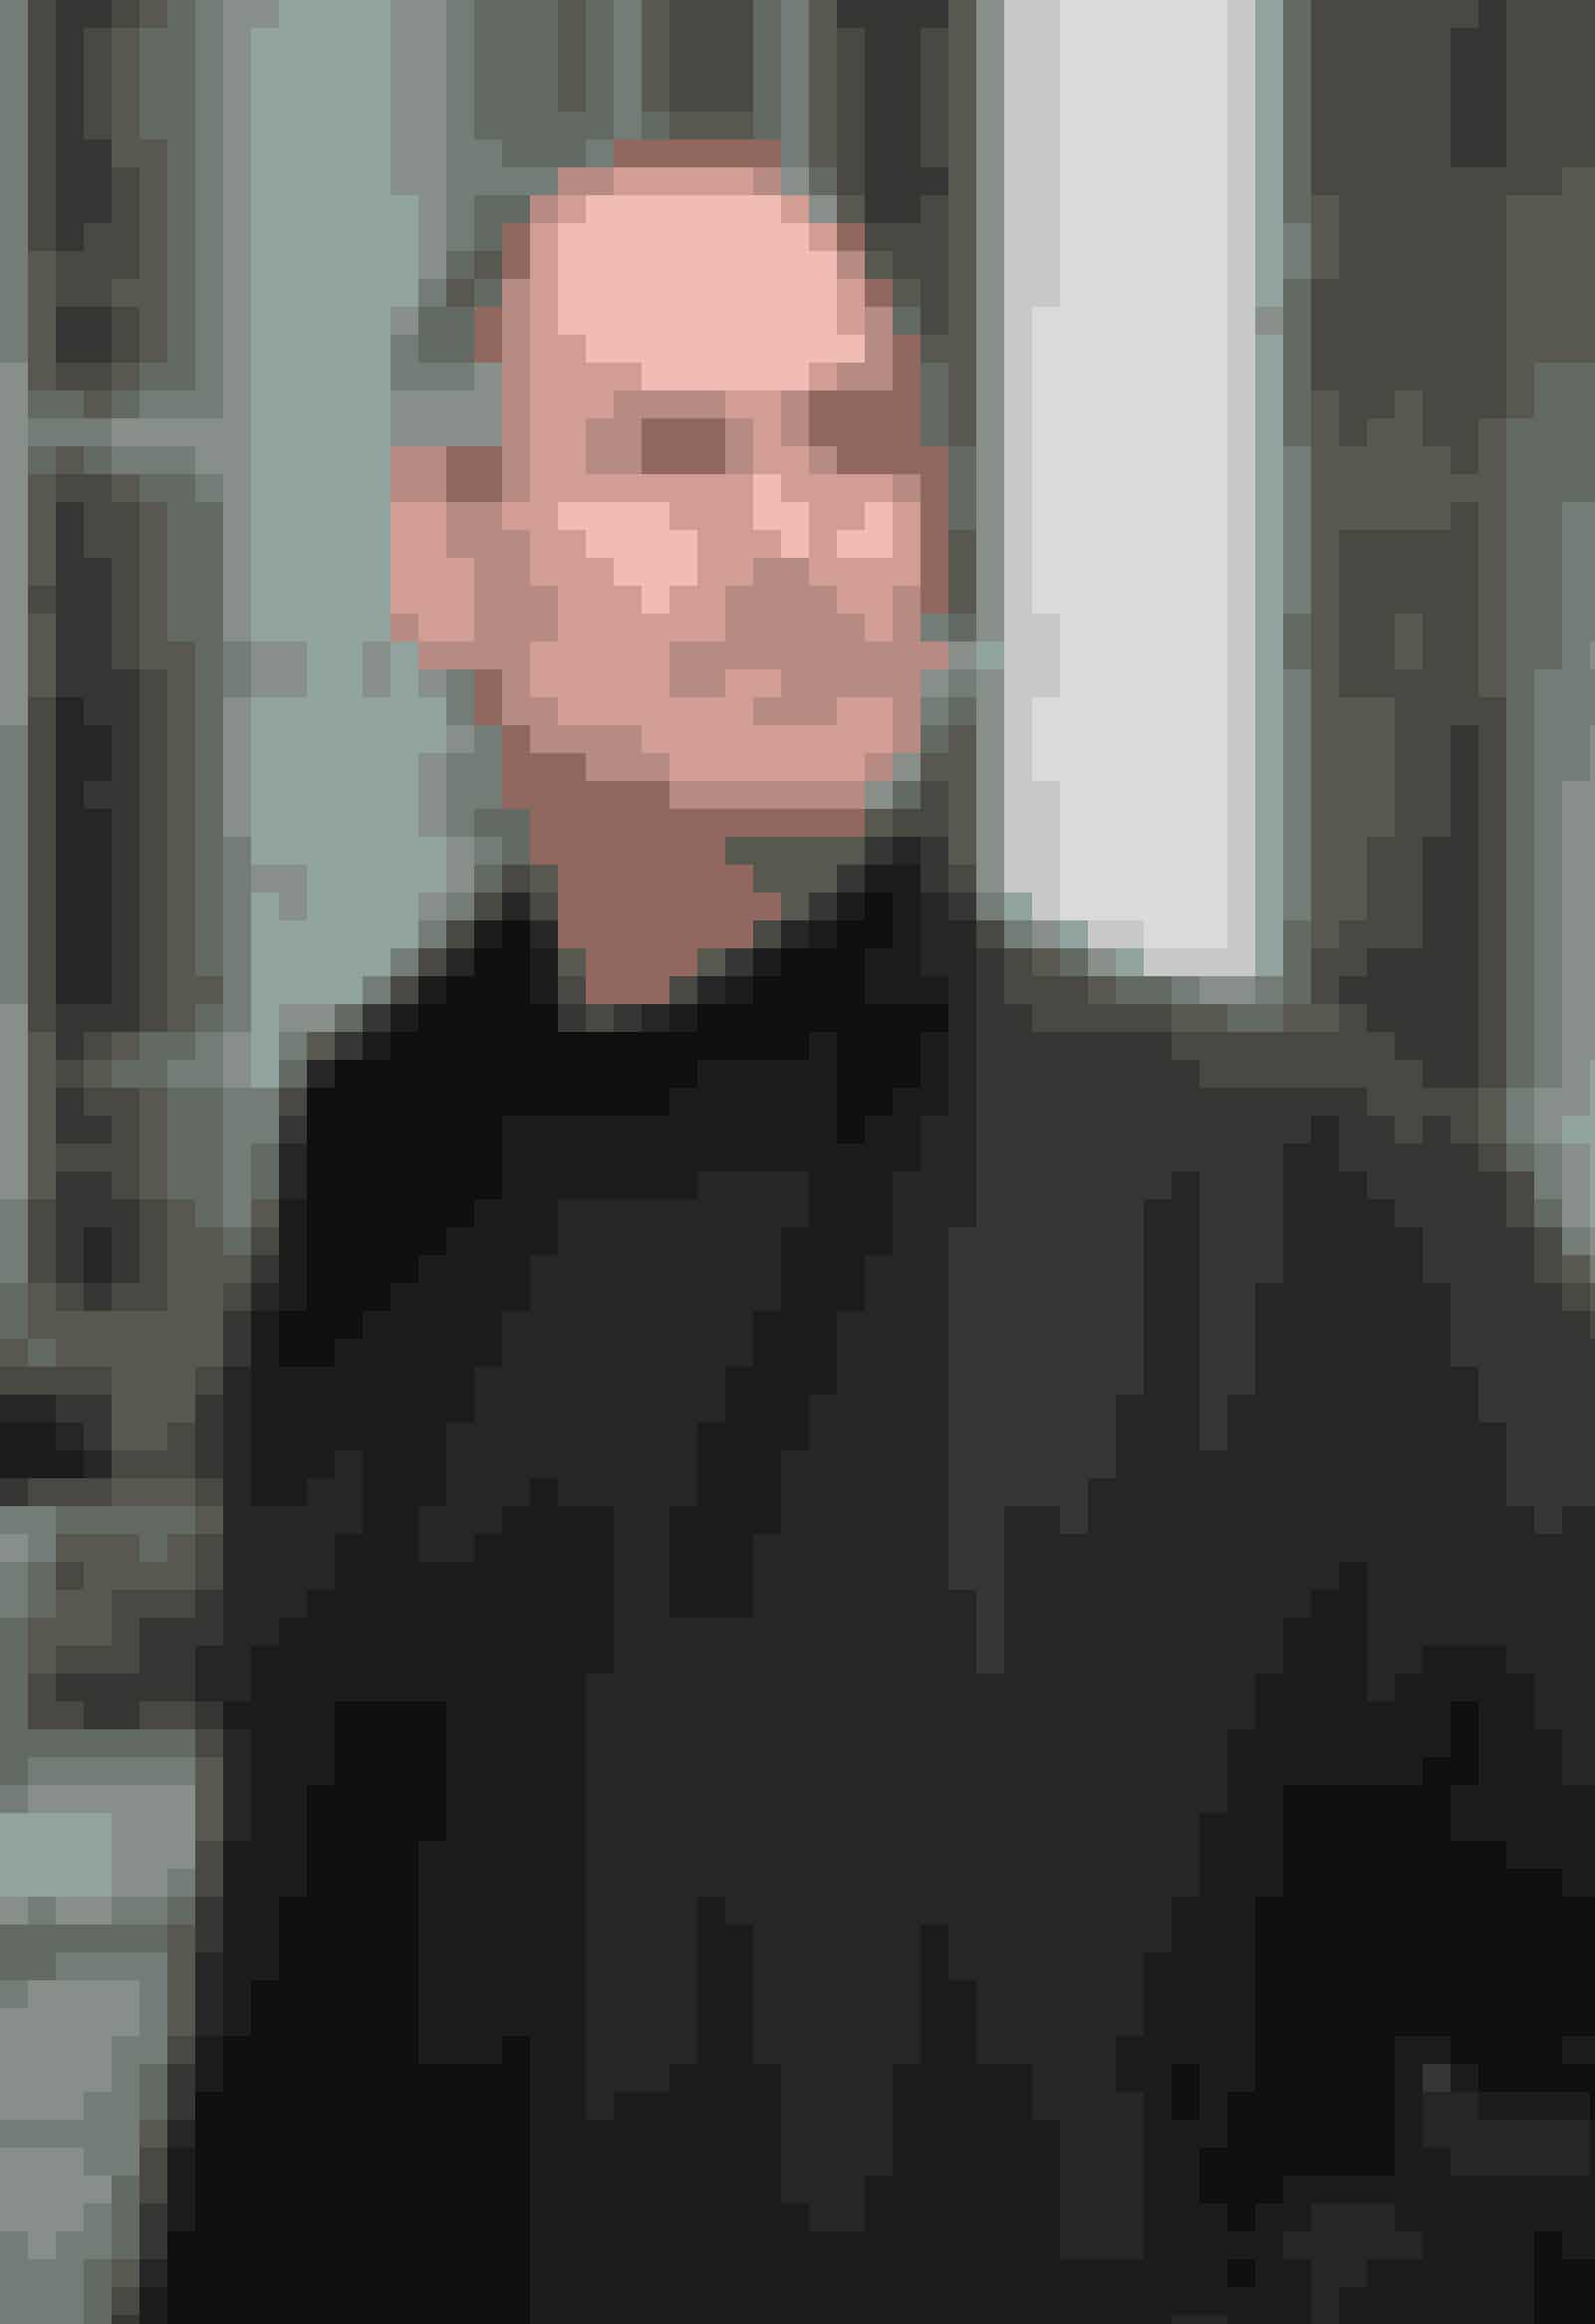 Steve JobsSteve Jobs, som vi alle kender fra Apple, blev bortadopteret kort tid efter fødslen. Steve Jobs fik derfor både sit for- og efternavn af sine adoptivforældre Clara og Paul Jobs, som han voksede op hos i Californien. Som 27-årig opdagede Steve, at hans biologiske forældre, kort tid efter hans adoption, blev gift og fik endnu et barn, som parret selv opfostrede. Mon ikke det har været lidt hårdt at finde ud af?